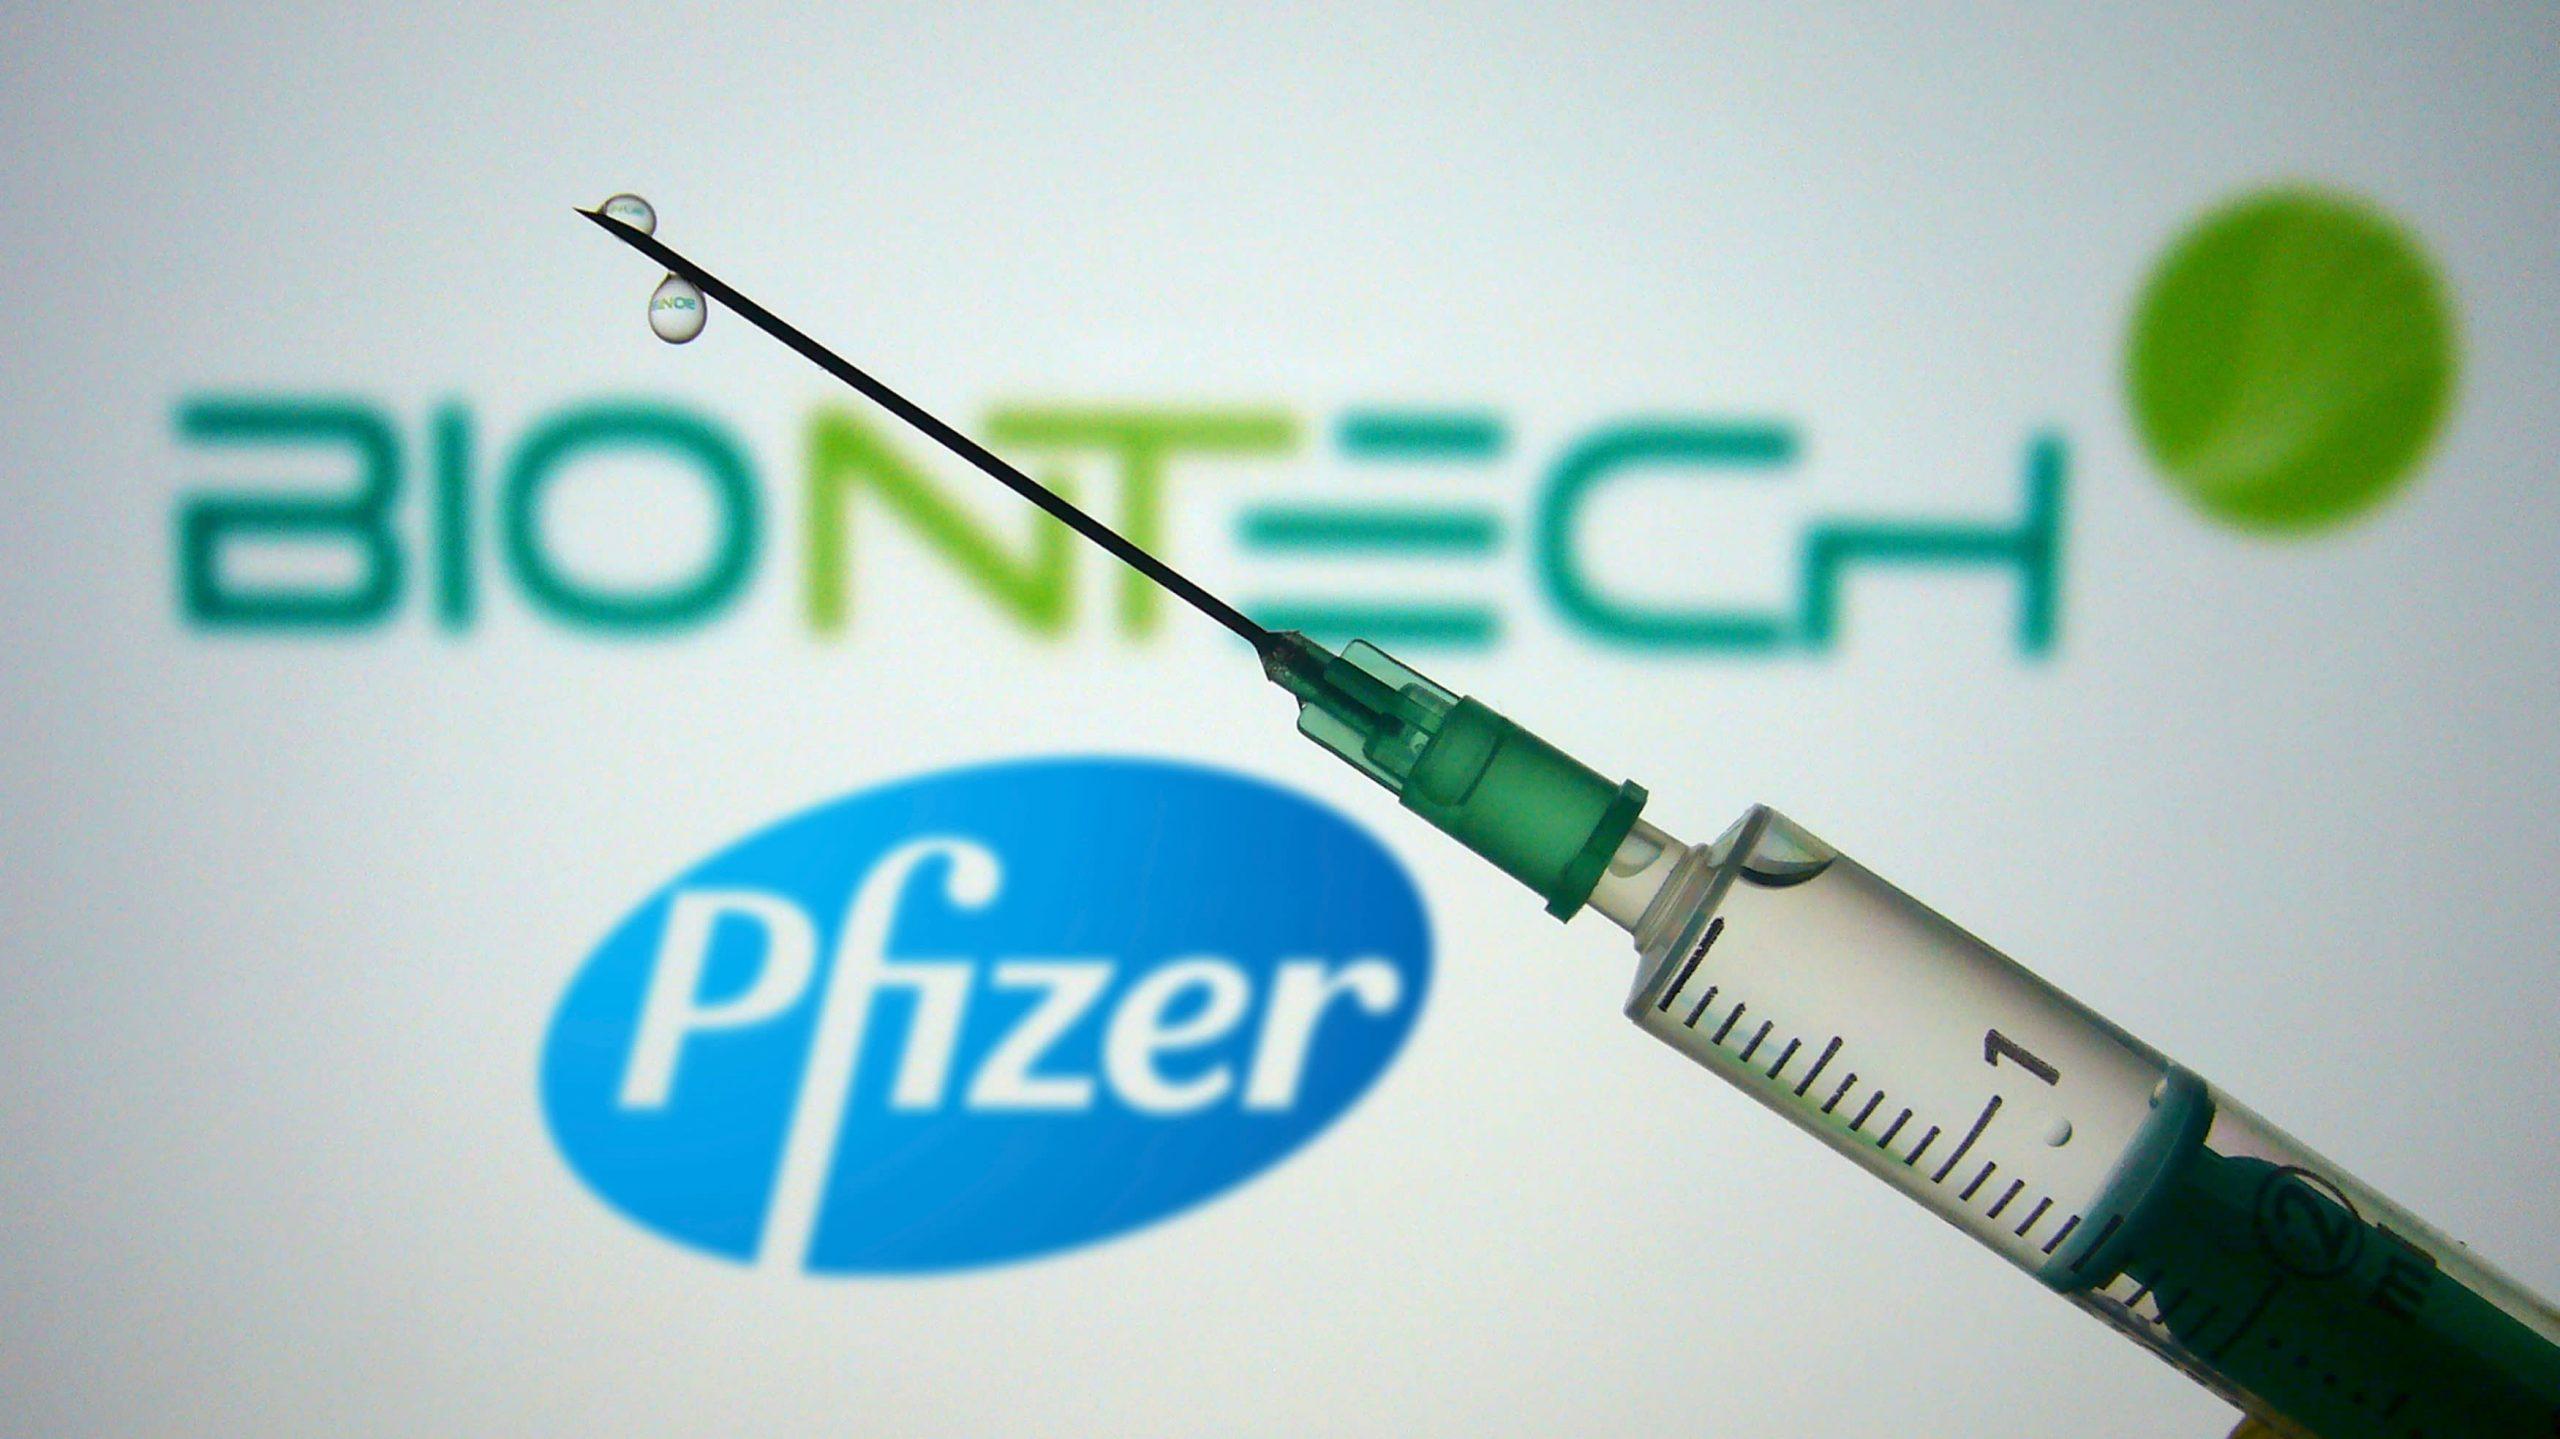 Προειδοποίηση Pfizer: Το εμβόλιο ίσως να μην προστατεύει εάν καθυστερήσει η 2η δόση